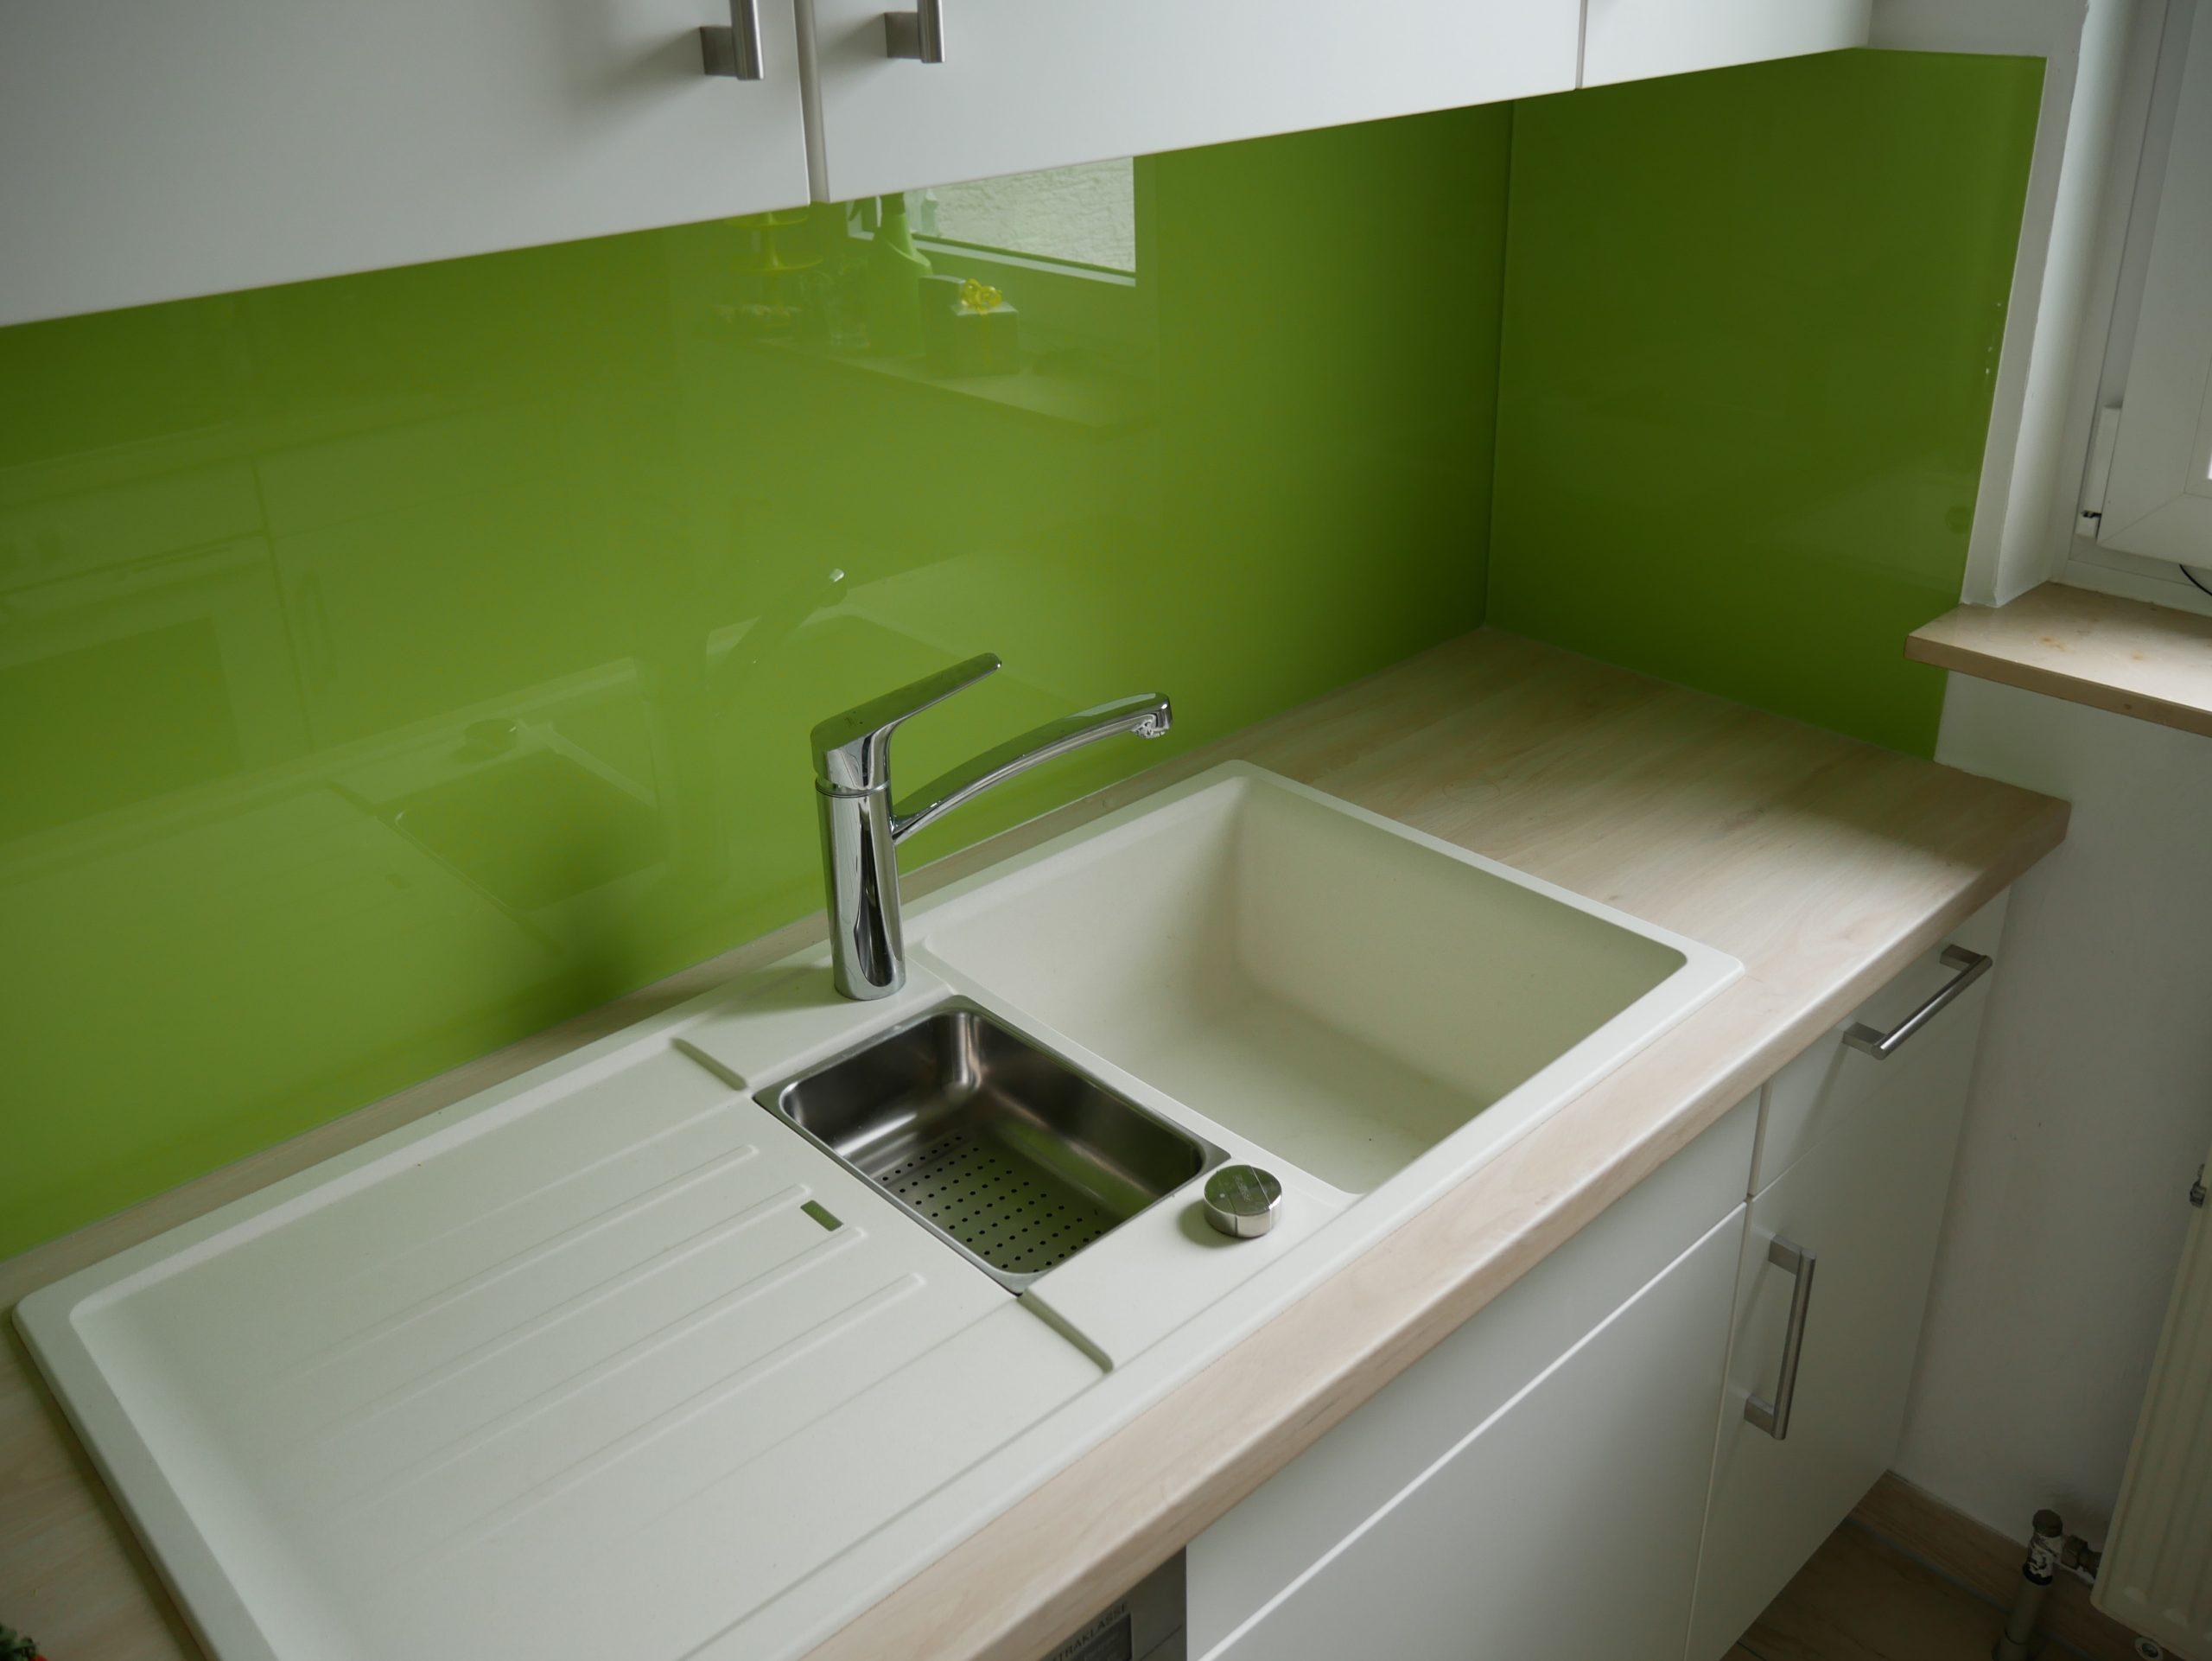 Küche mit Glasrückwand in Knallgrün